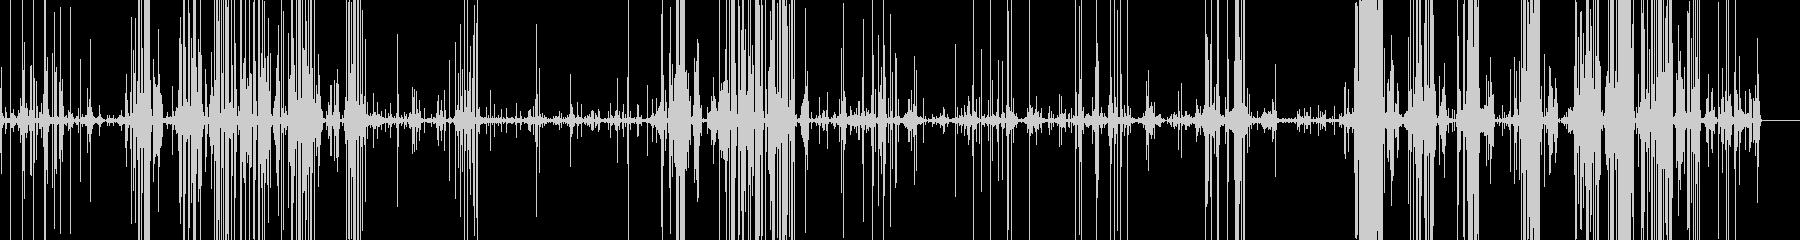 スライムを潰すパチパチという音の未再生の波形